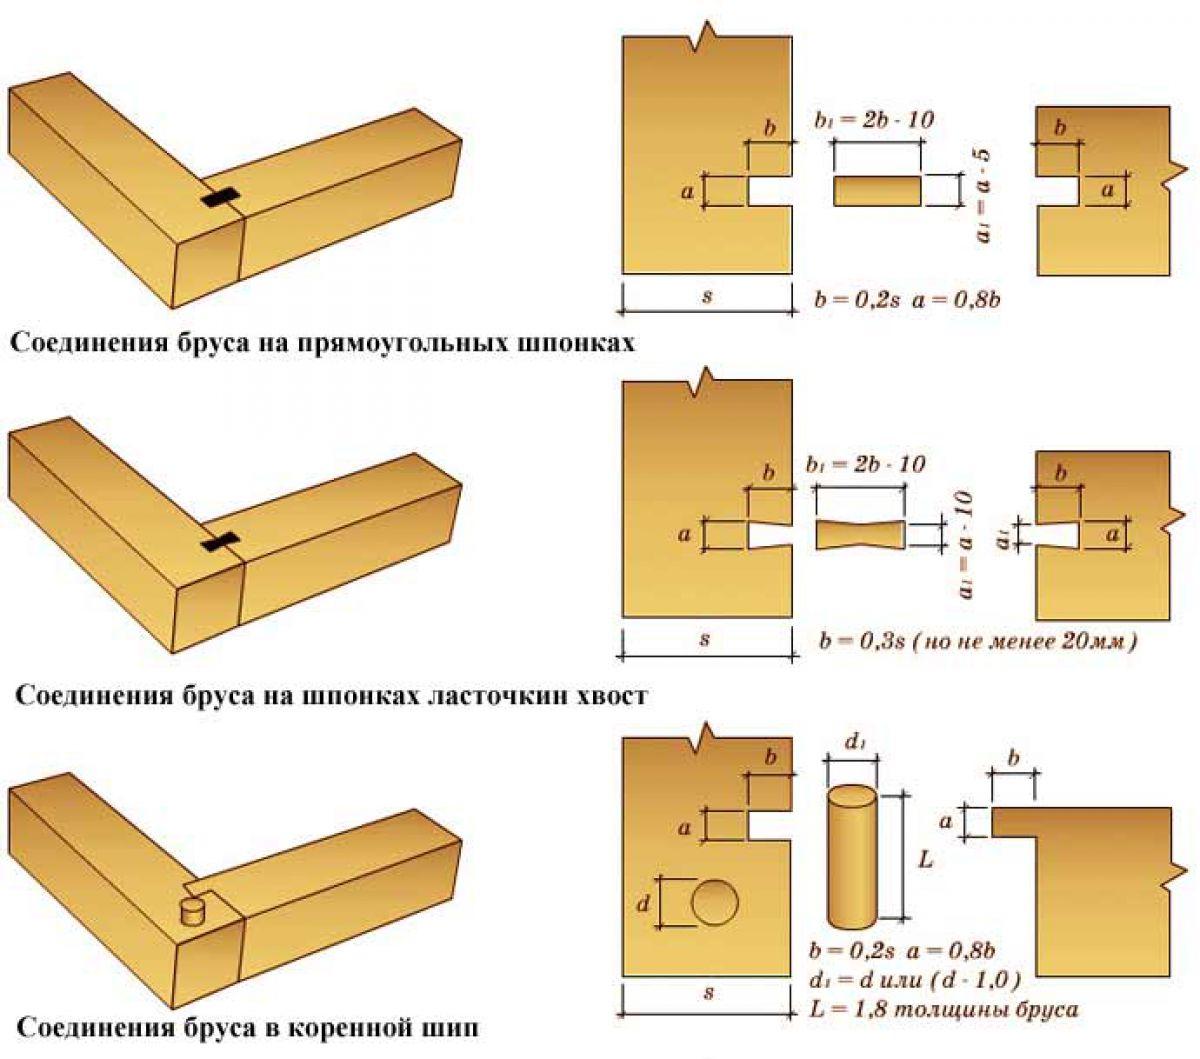 Соединения бруса в углах и прямых стенах 2540